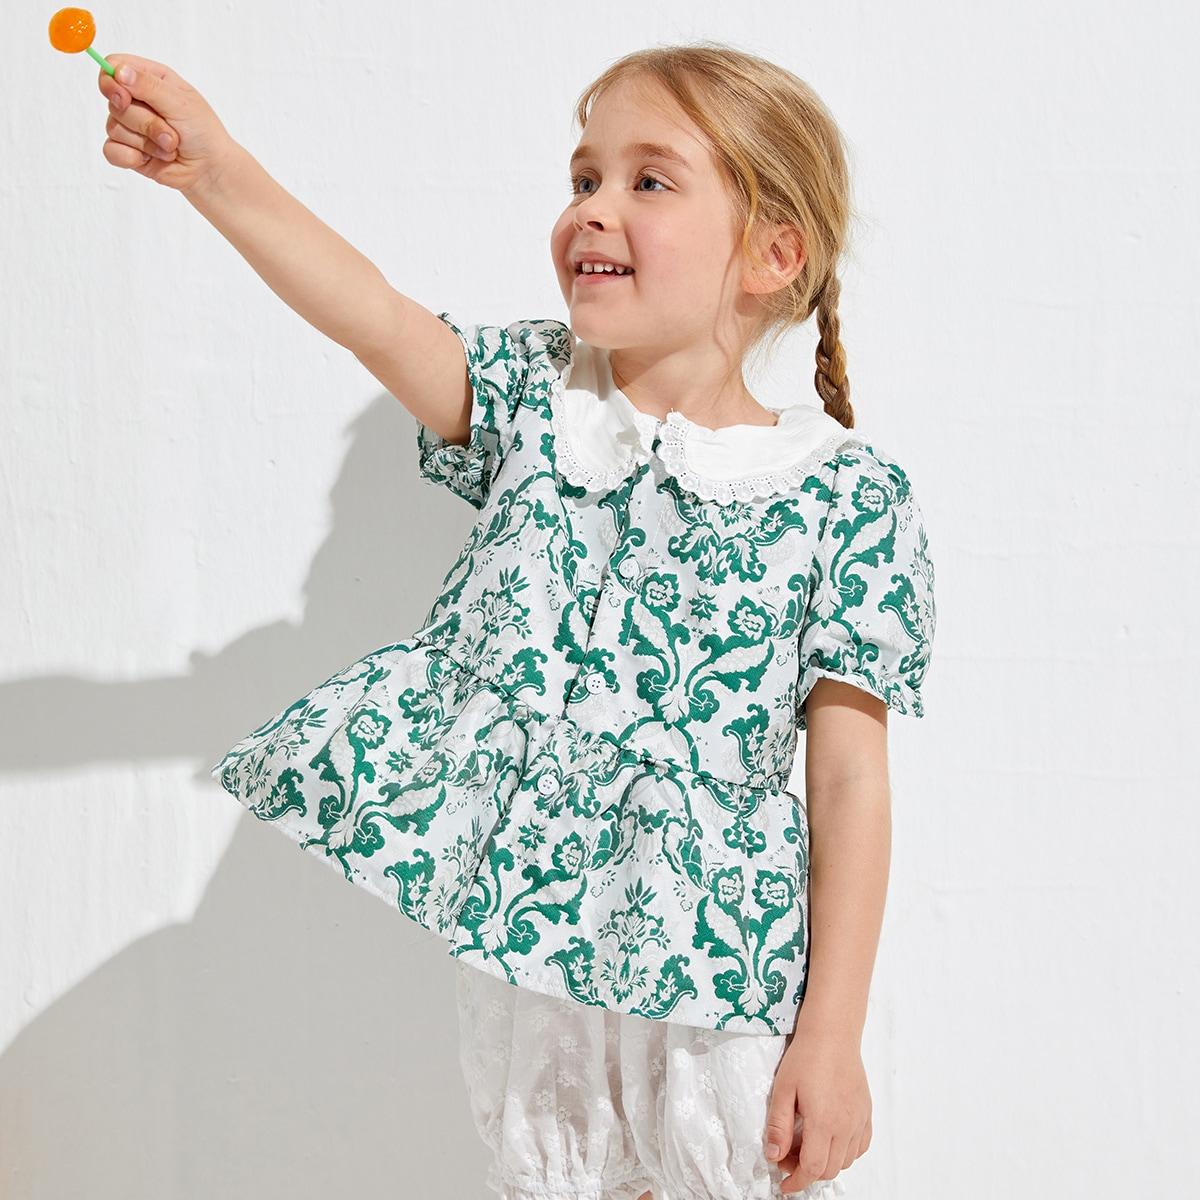 Toddler Girls Contrast Peter-pan Collar Damask Jacquard Peplum Top